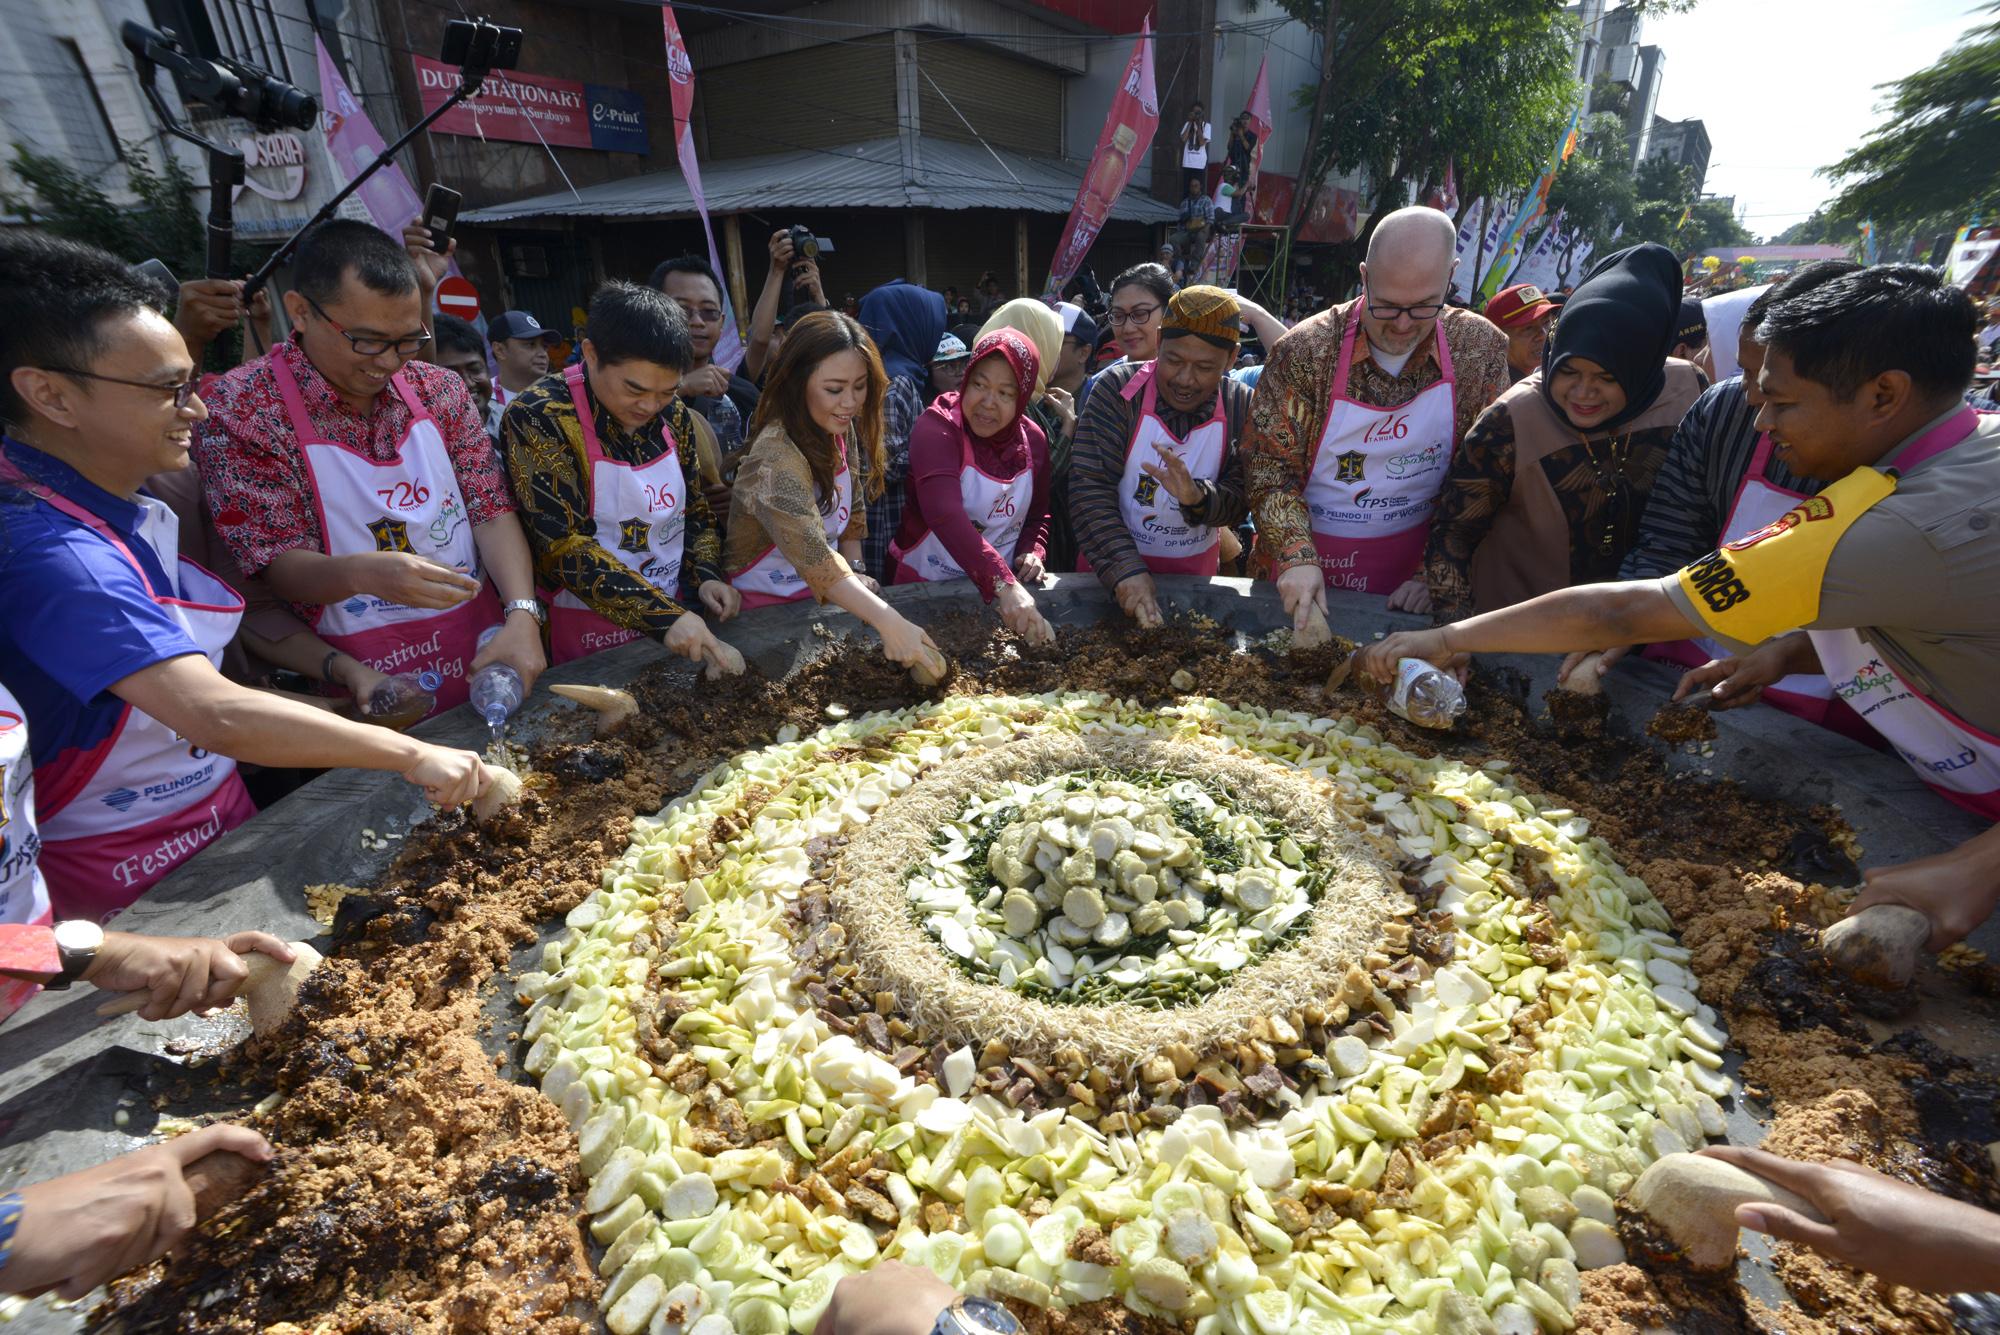 Pemecahan rekor MURI rujak uleg terbesar di Indonesia